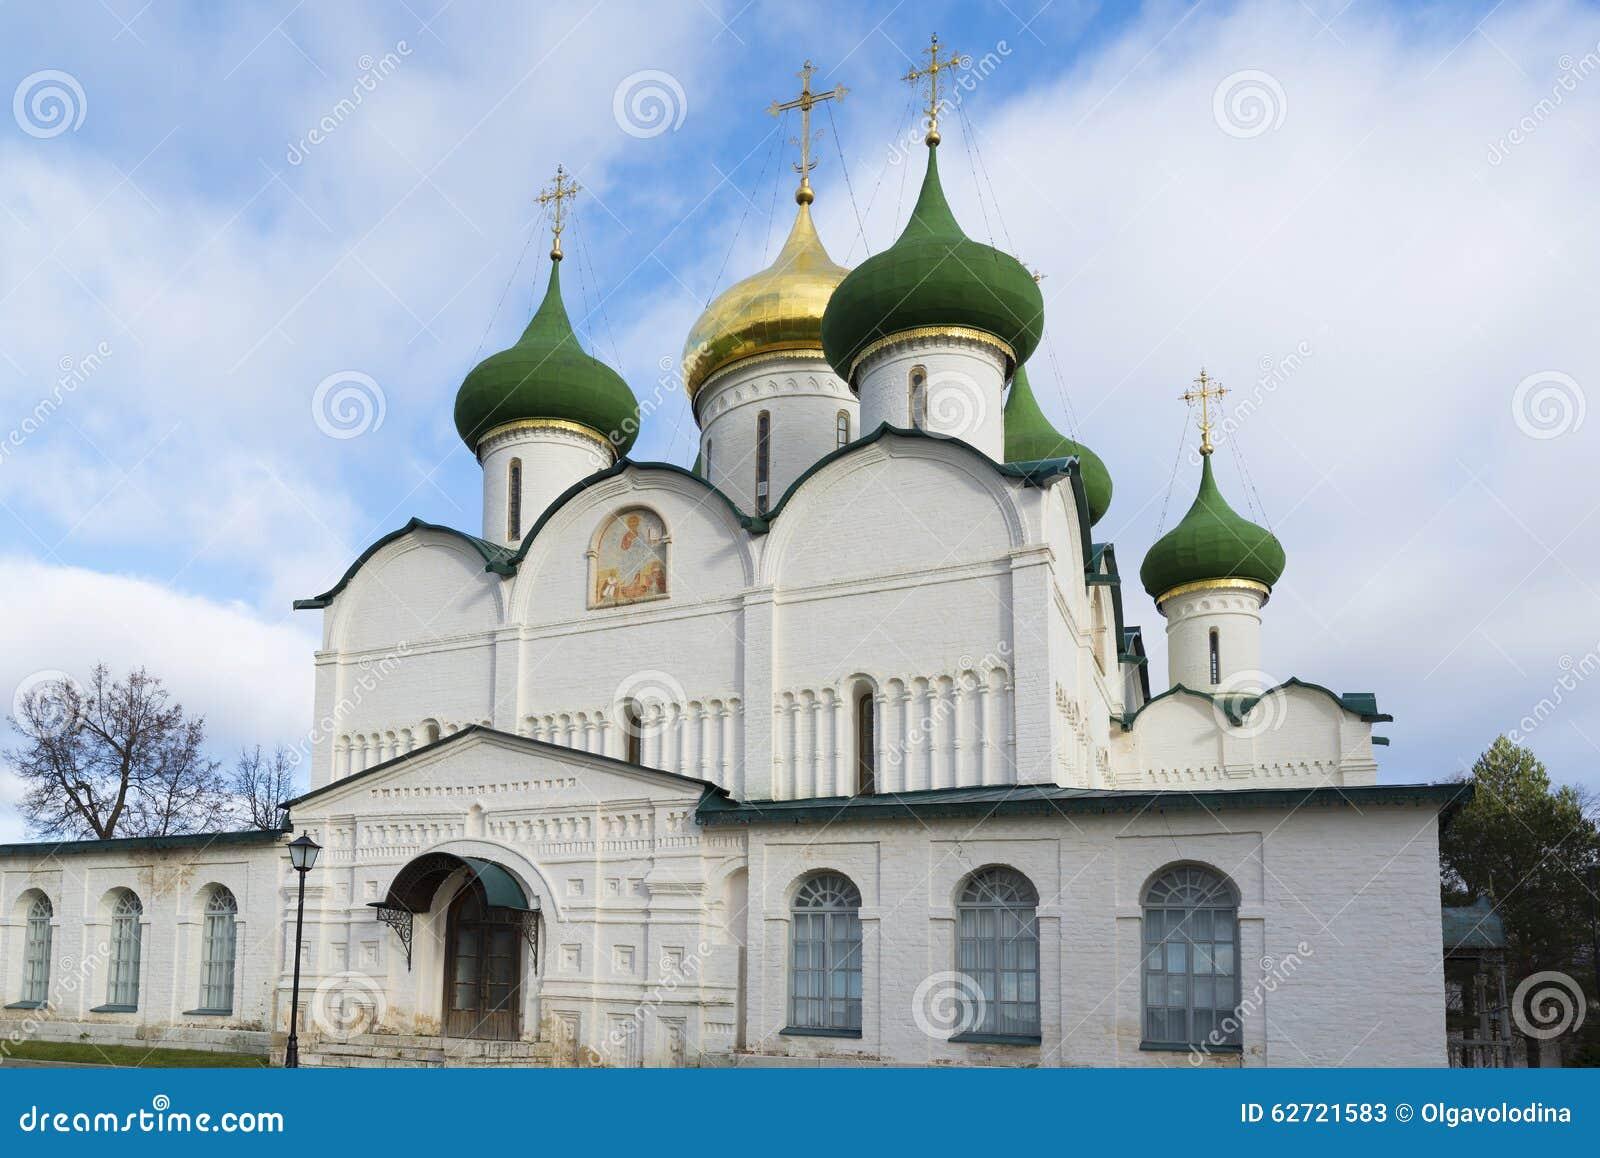 Ο καθεδρικός ναός μεταμόρφωσης στο μοναστήρι του ST Euthymius στο Σούζνταλ χτίστηκε ο 16ος αιώνας Χρυσό δαχτυλίδι του ταξιδιού τη